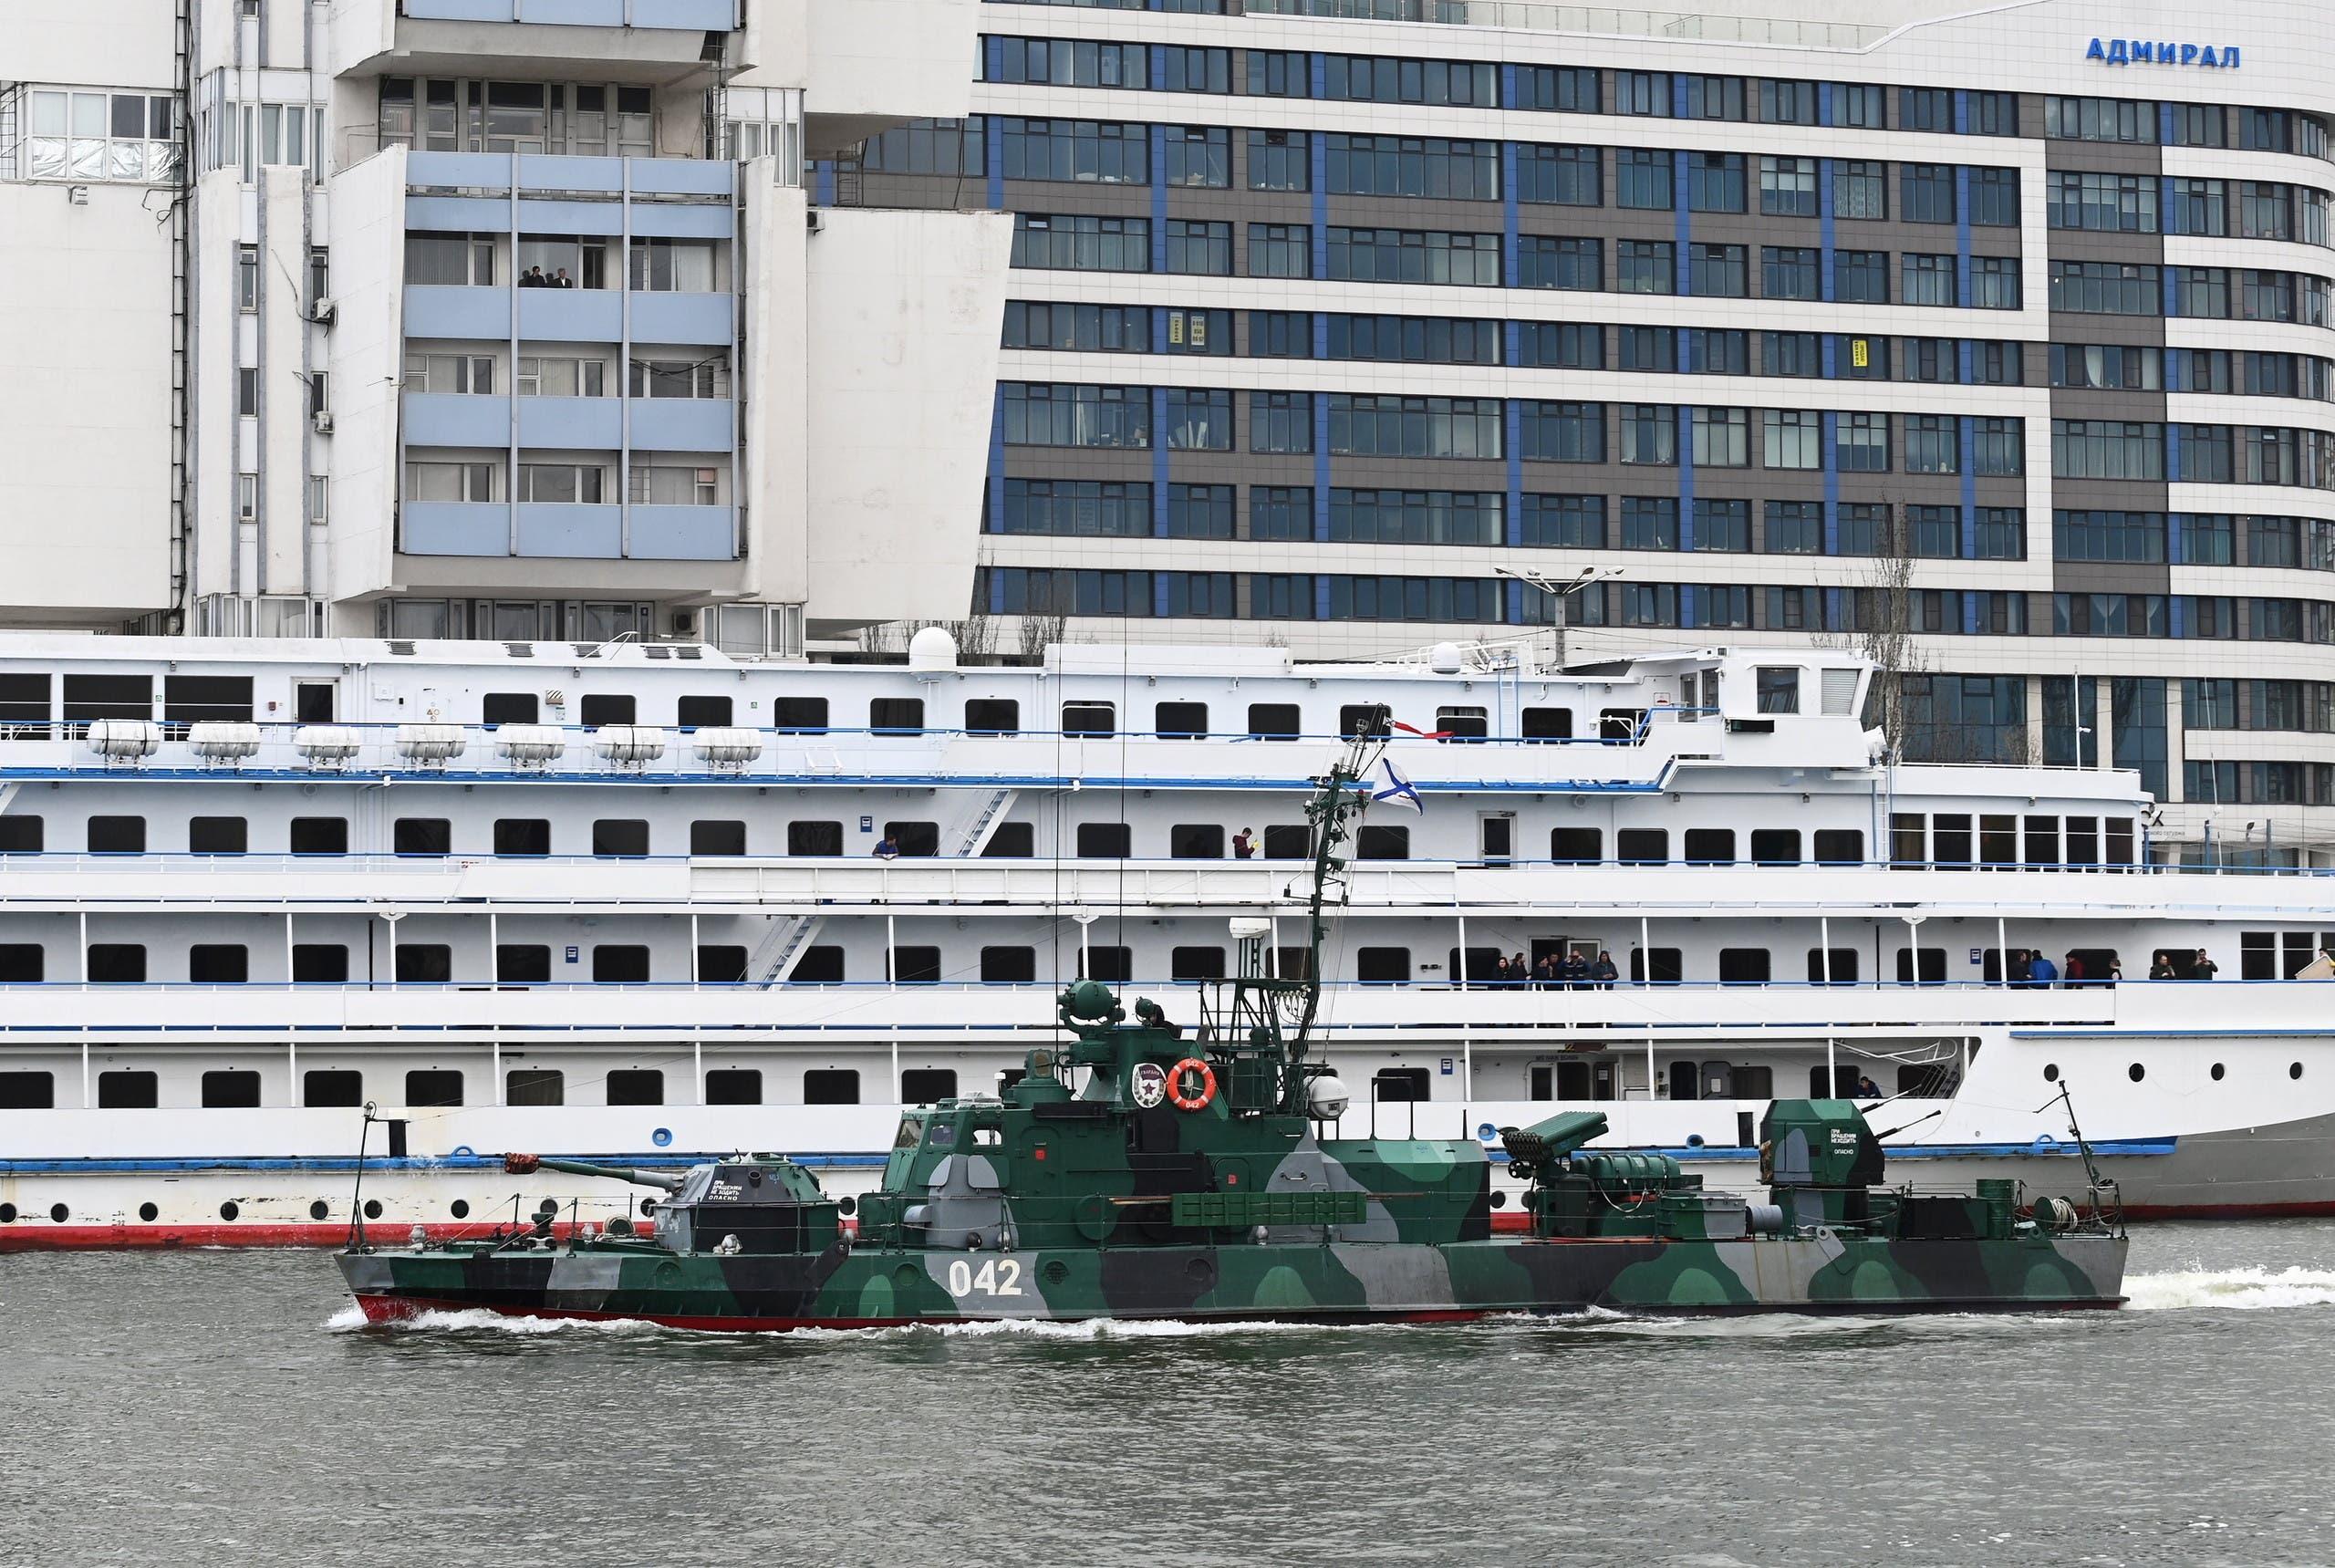 سفينة حربية روسية في طريقها من بحر قزوين إلى البحر الأسود وسط التوتر القائم حالياً مع أوكرانيا